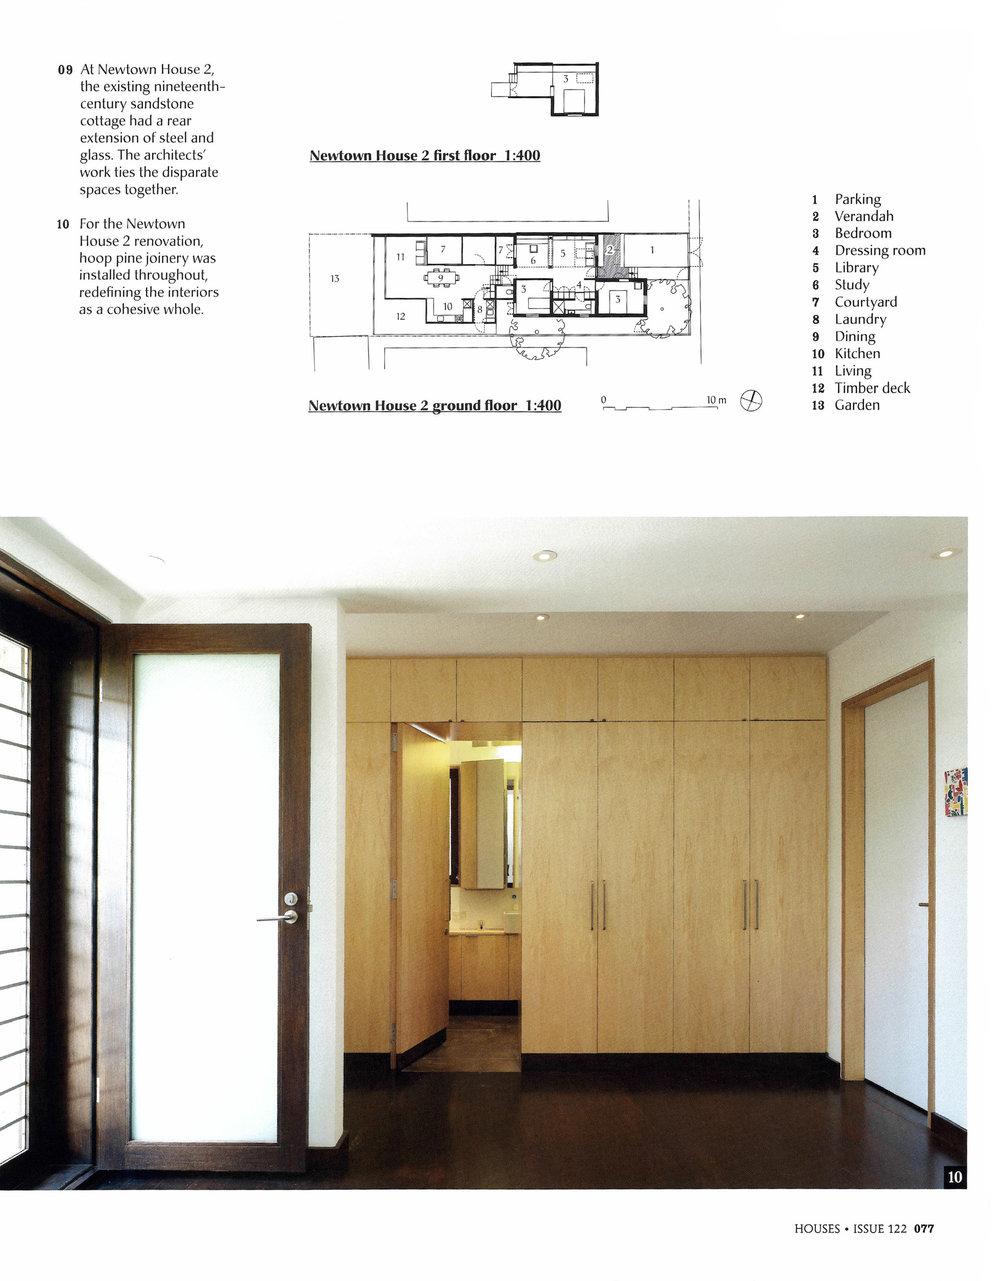 Pg 9.jpg